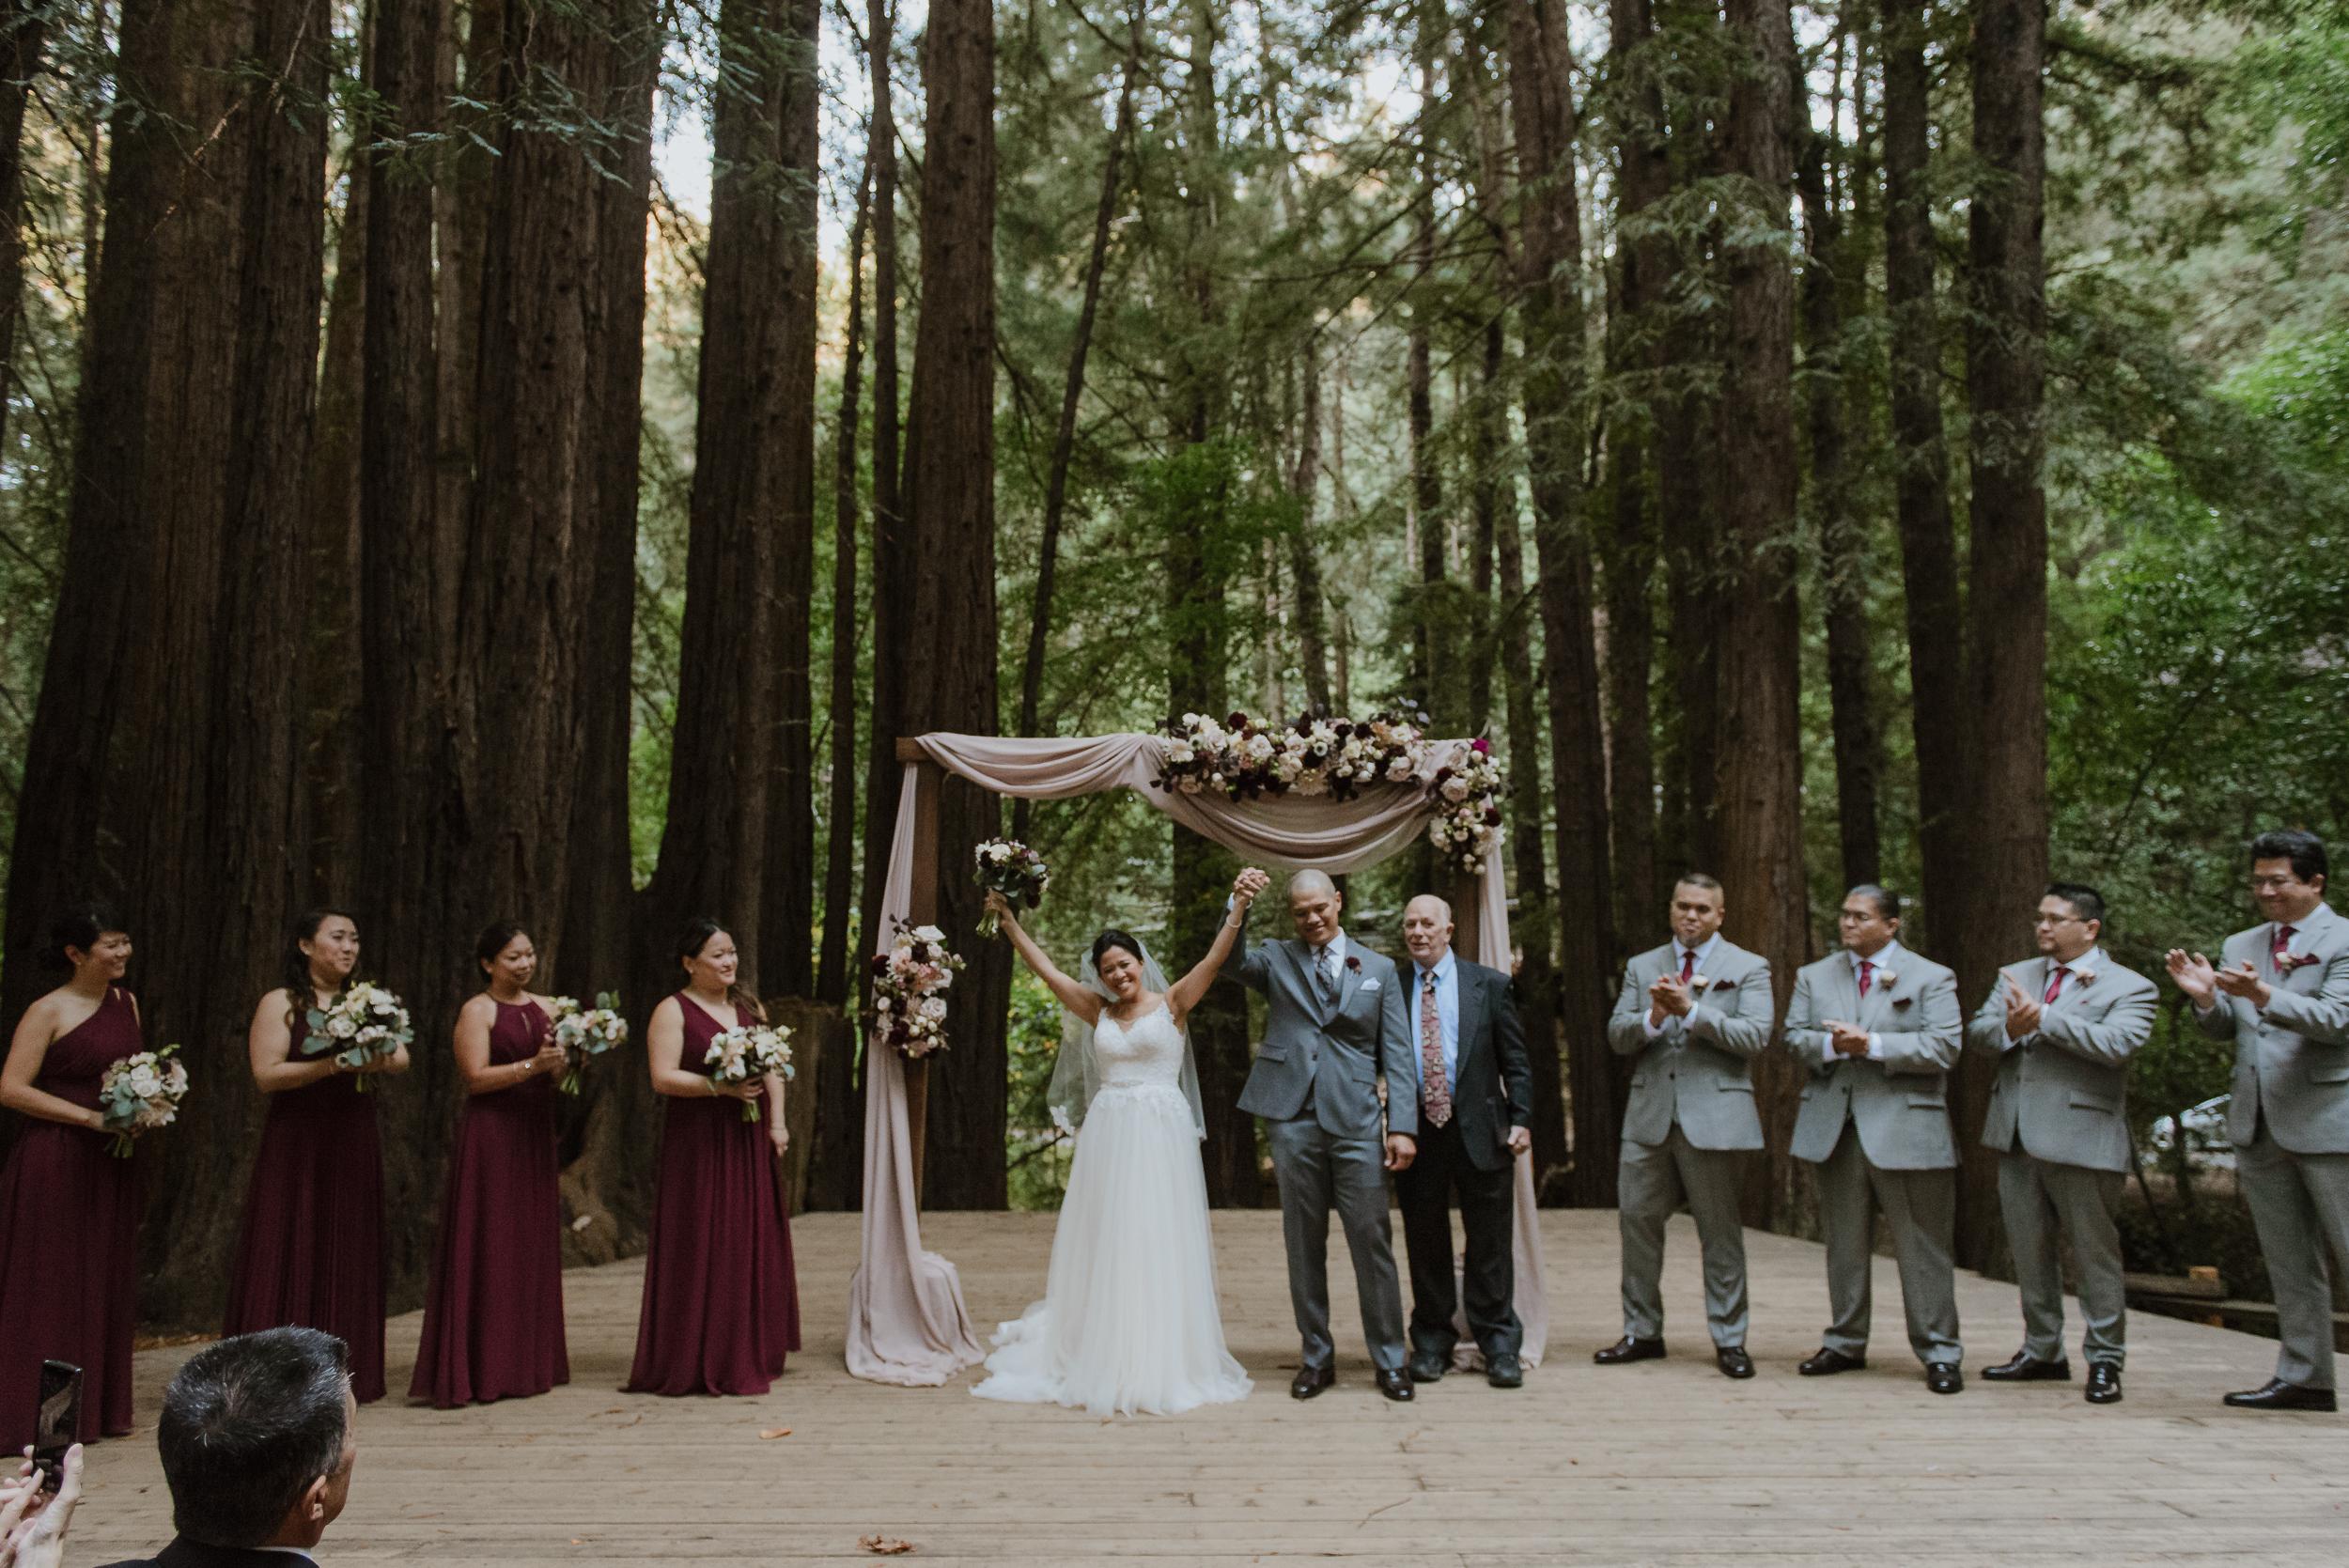 41-old-mill-park-mill-valley-community-center-wedding-vivianchen-398.jpg